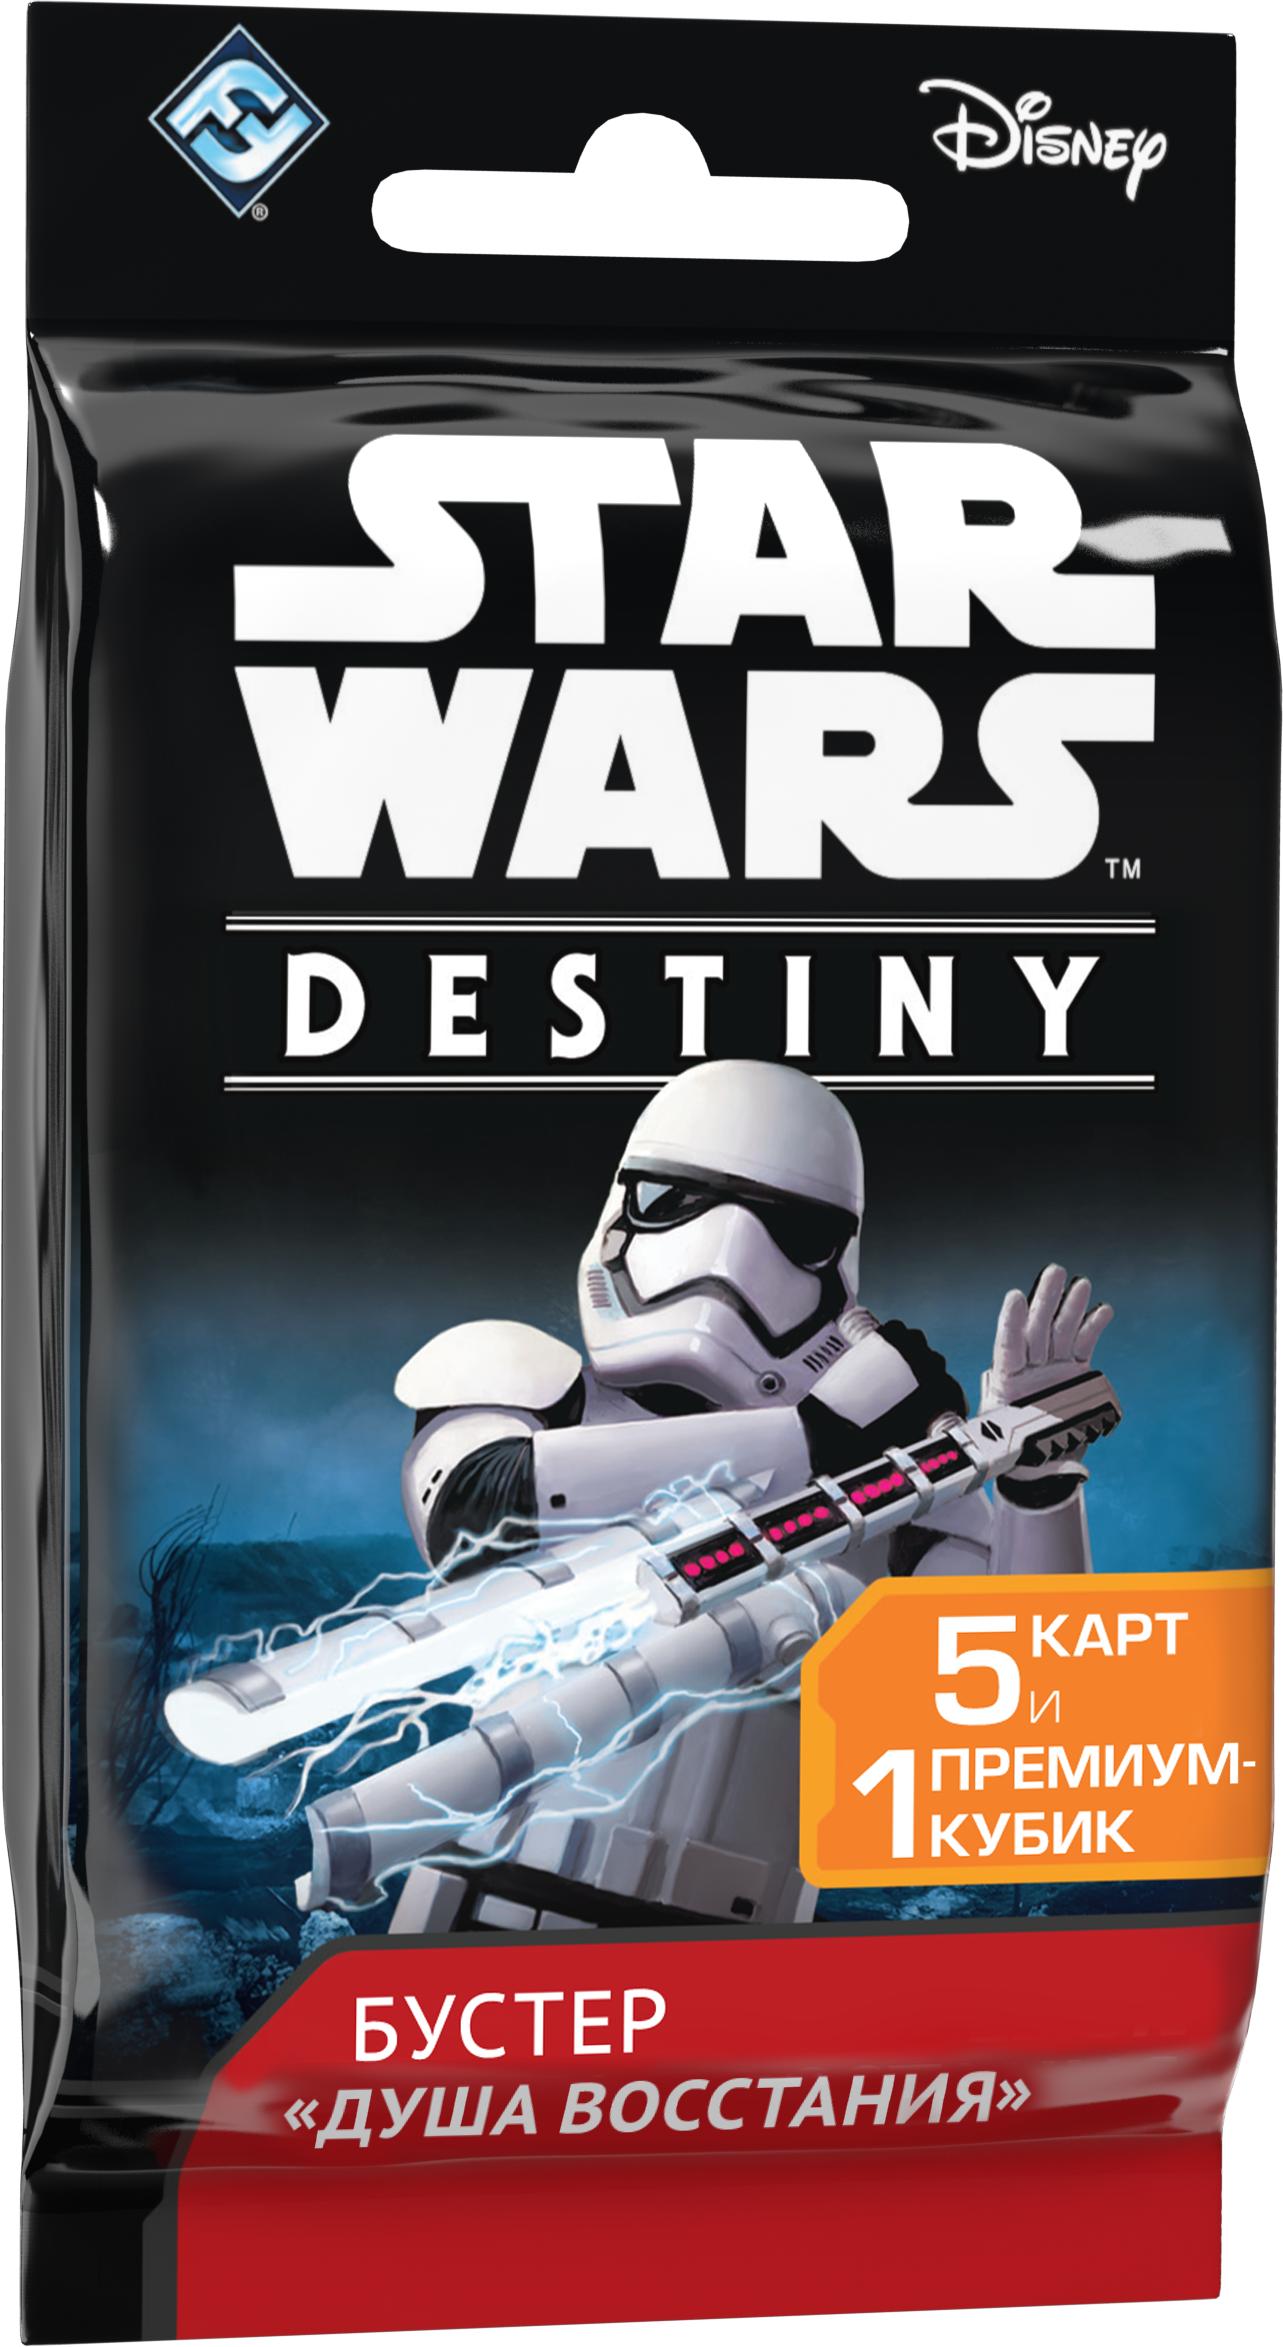 Настольная игра Star Wars Destiny: Душа восстания. БустерыВ бустерах Star Wars Destiny: Душа восстания Вы найдёте отсылки к ключевым героям и событиям саги. Среди героев найдутся Дарт Вейдер, Джин Эрсо, Чиррута Имве, Мон Мотма и другие. Вся коллекция составляет 160 уникальных карт.<br>